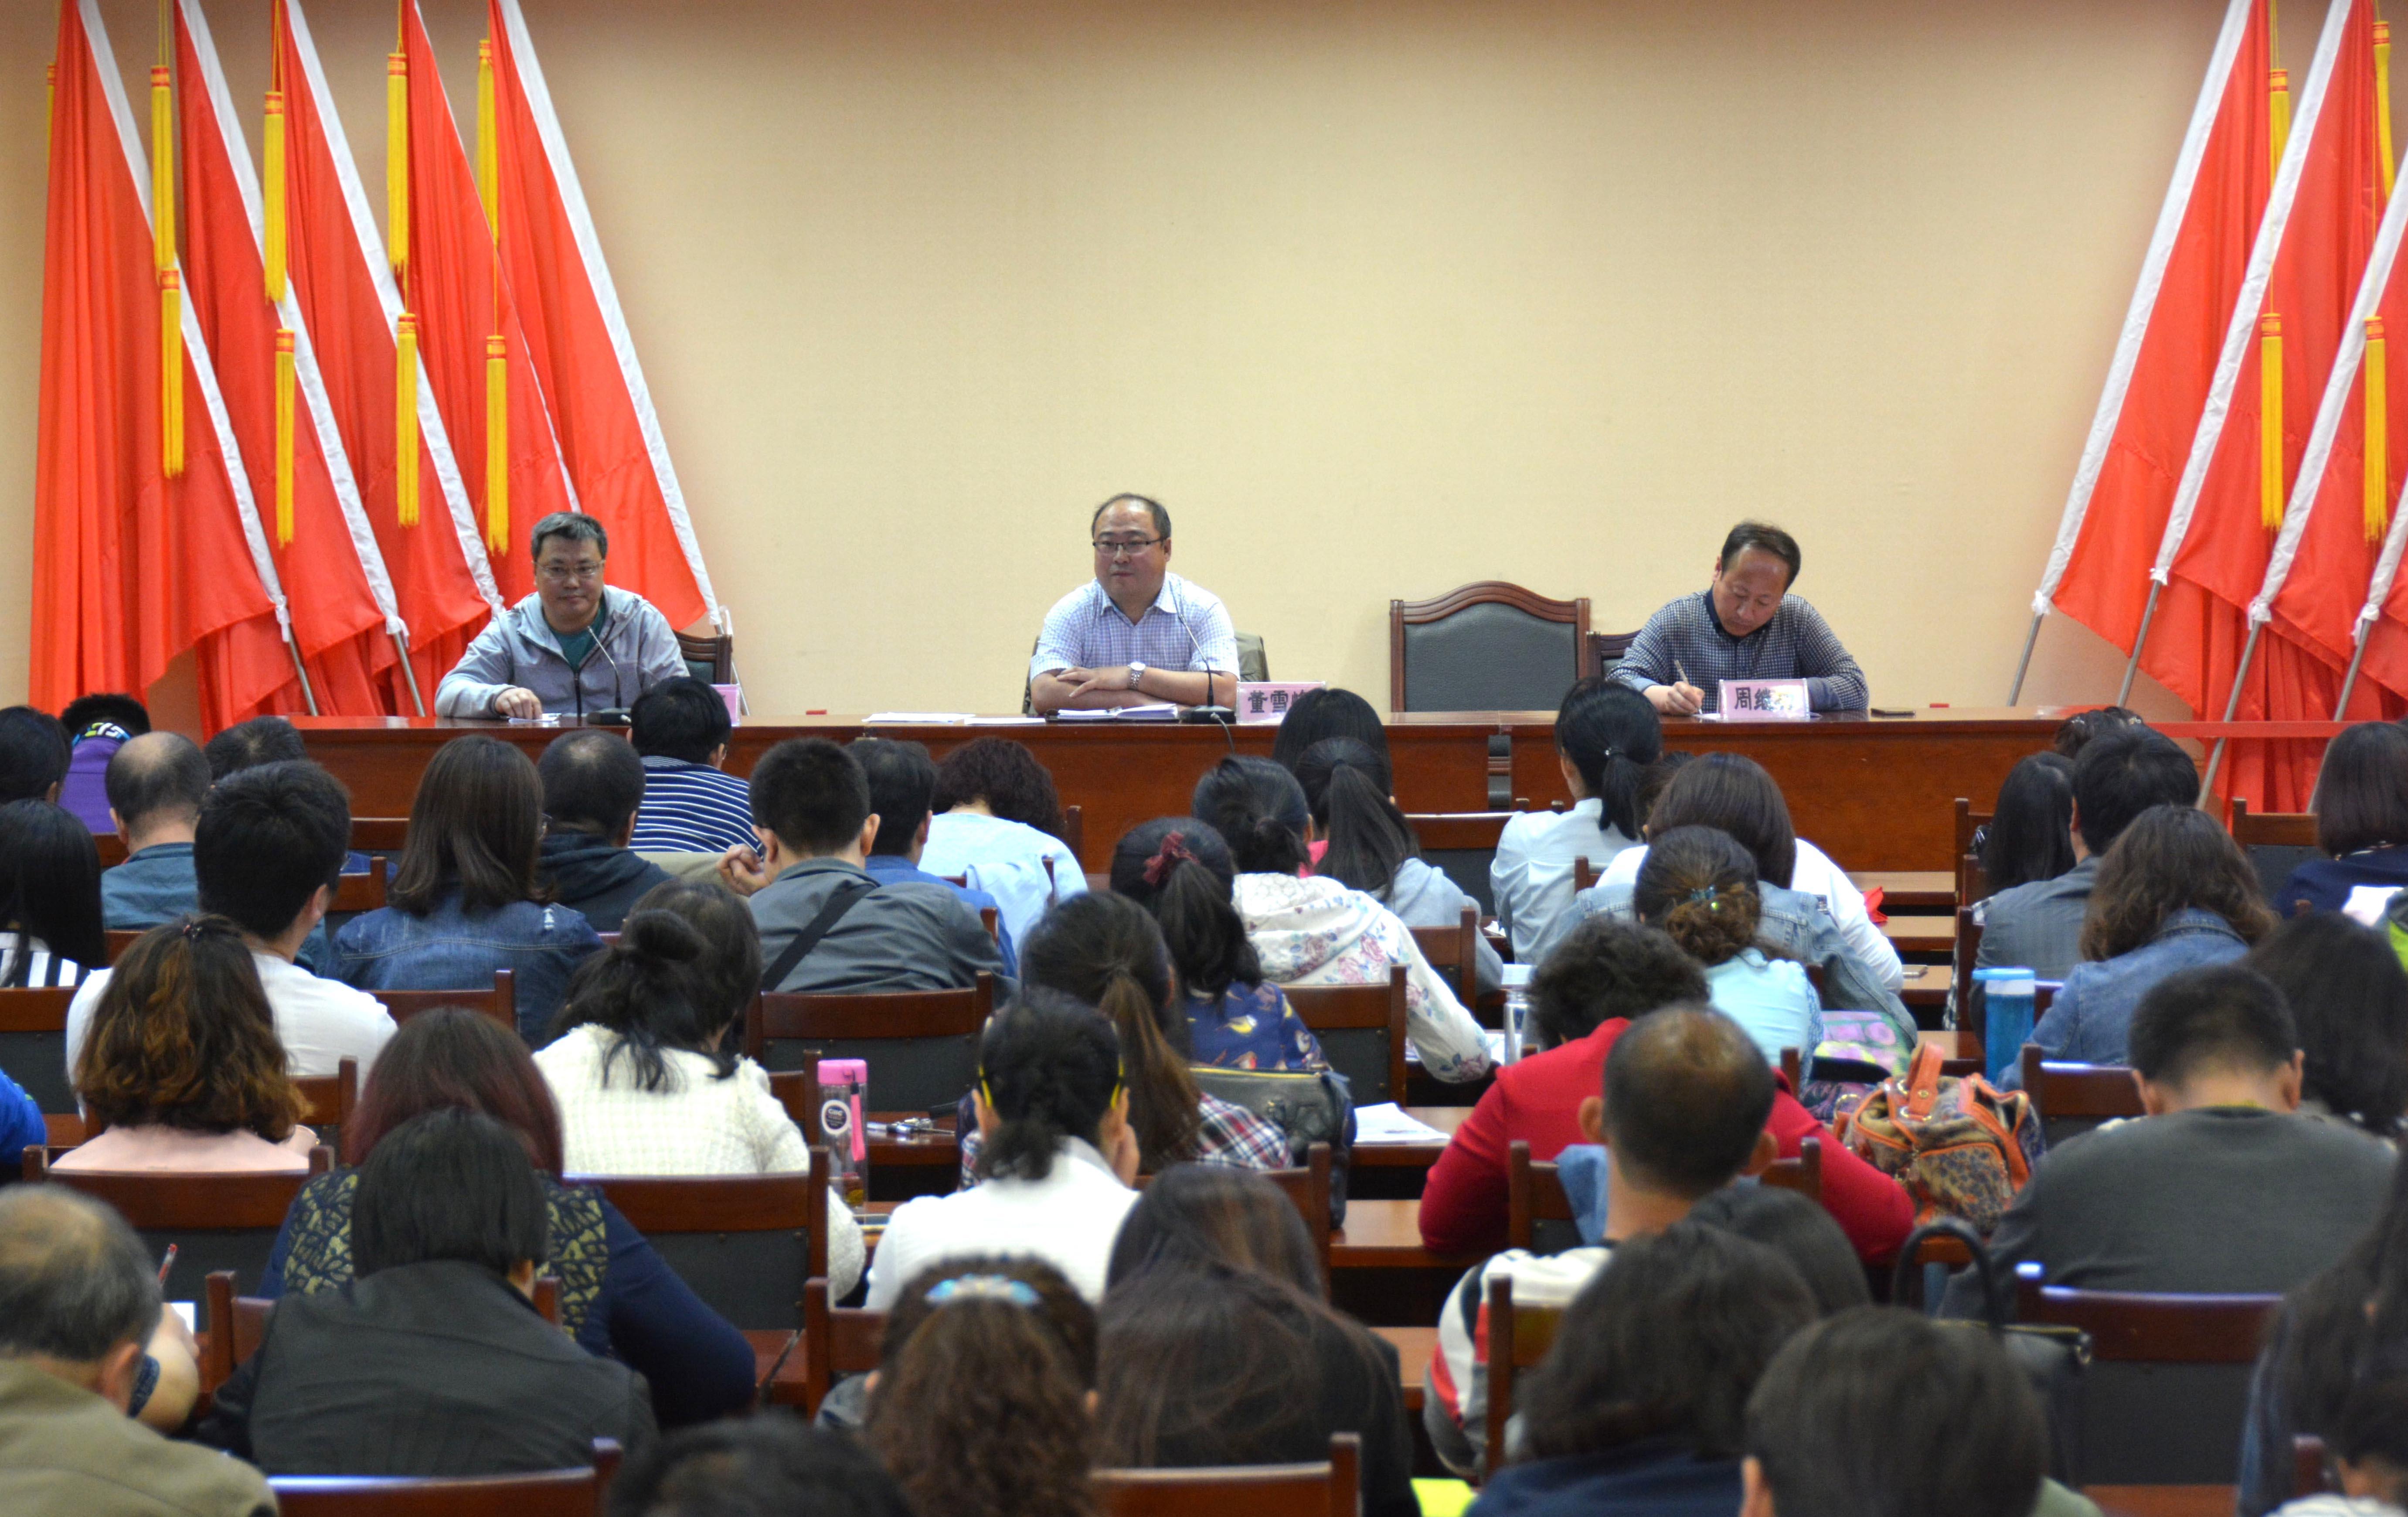 5月17日,我校举办课堂教学管理经验交流会。